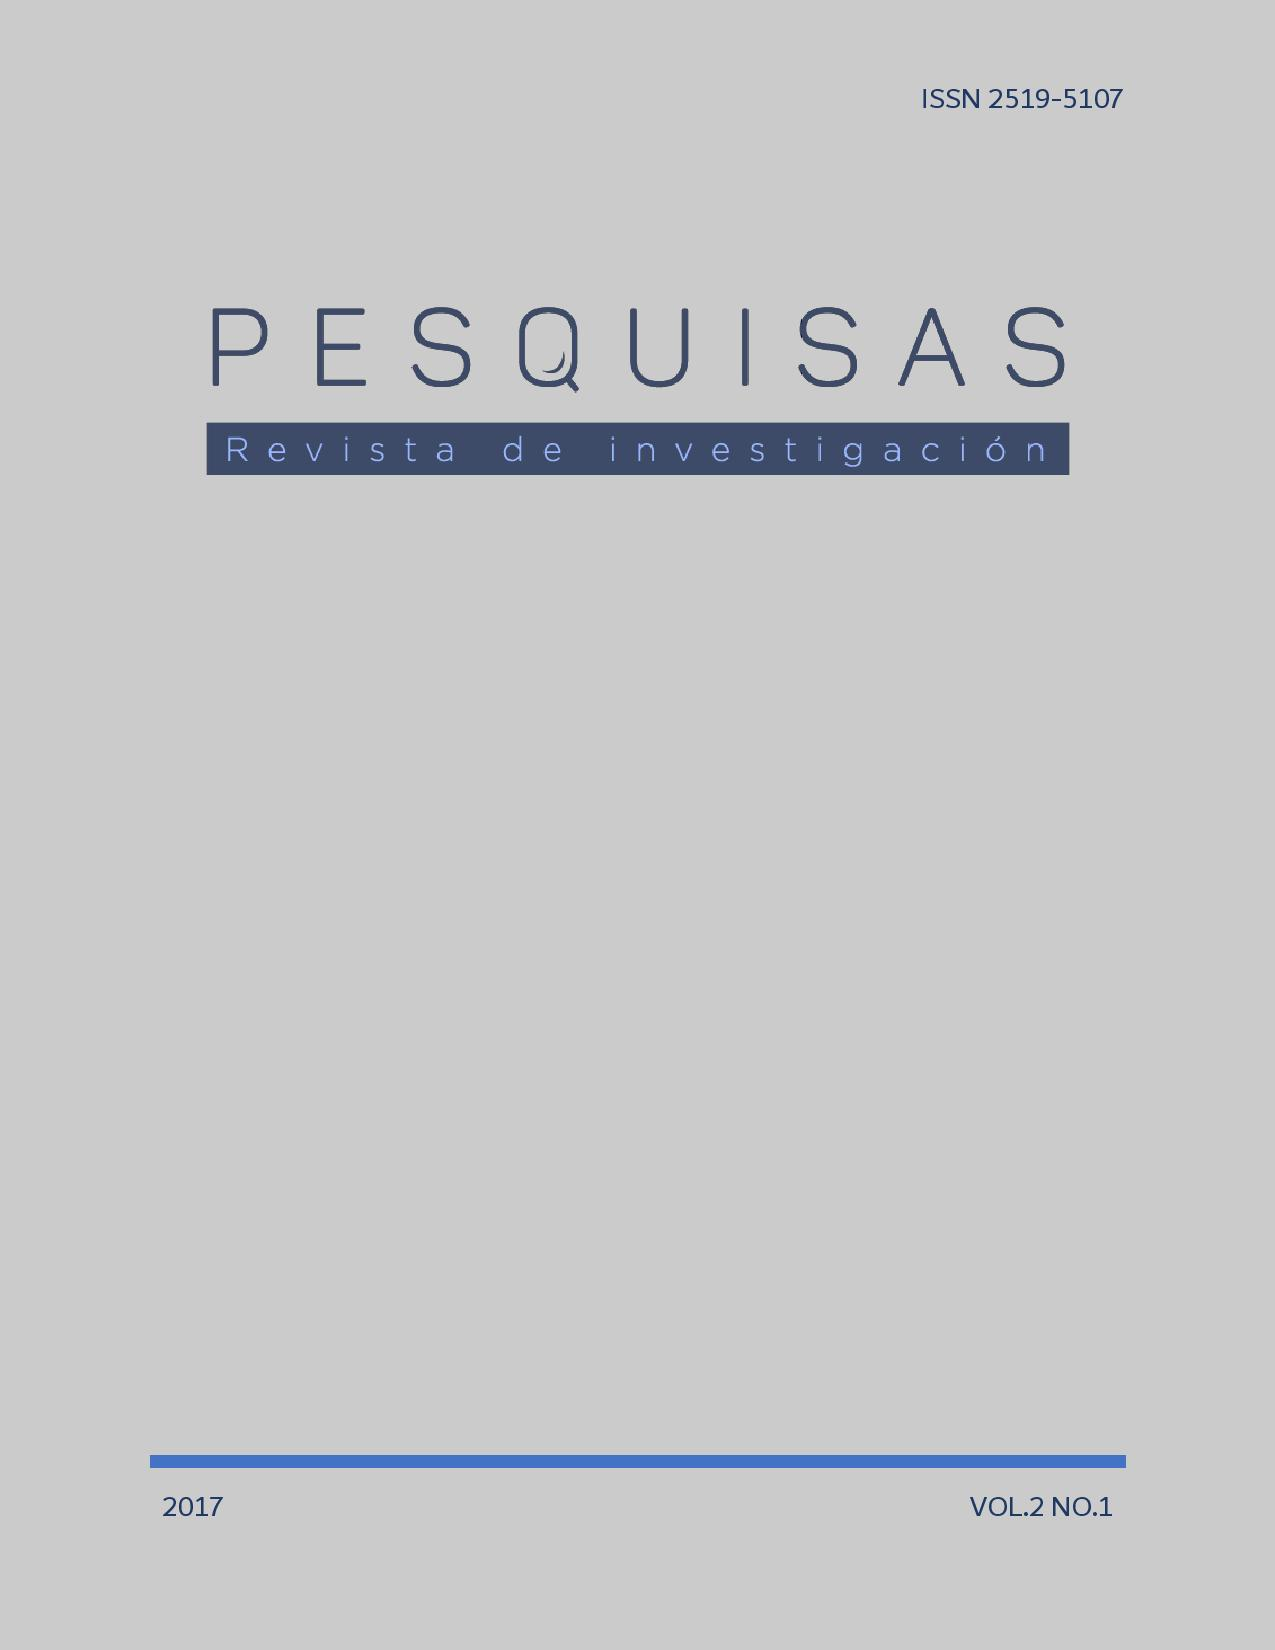 Pesquisas Vol.2 No.1 Año 2017